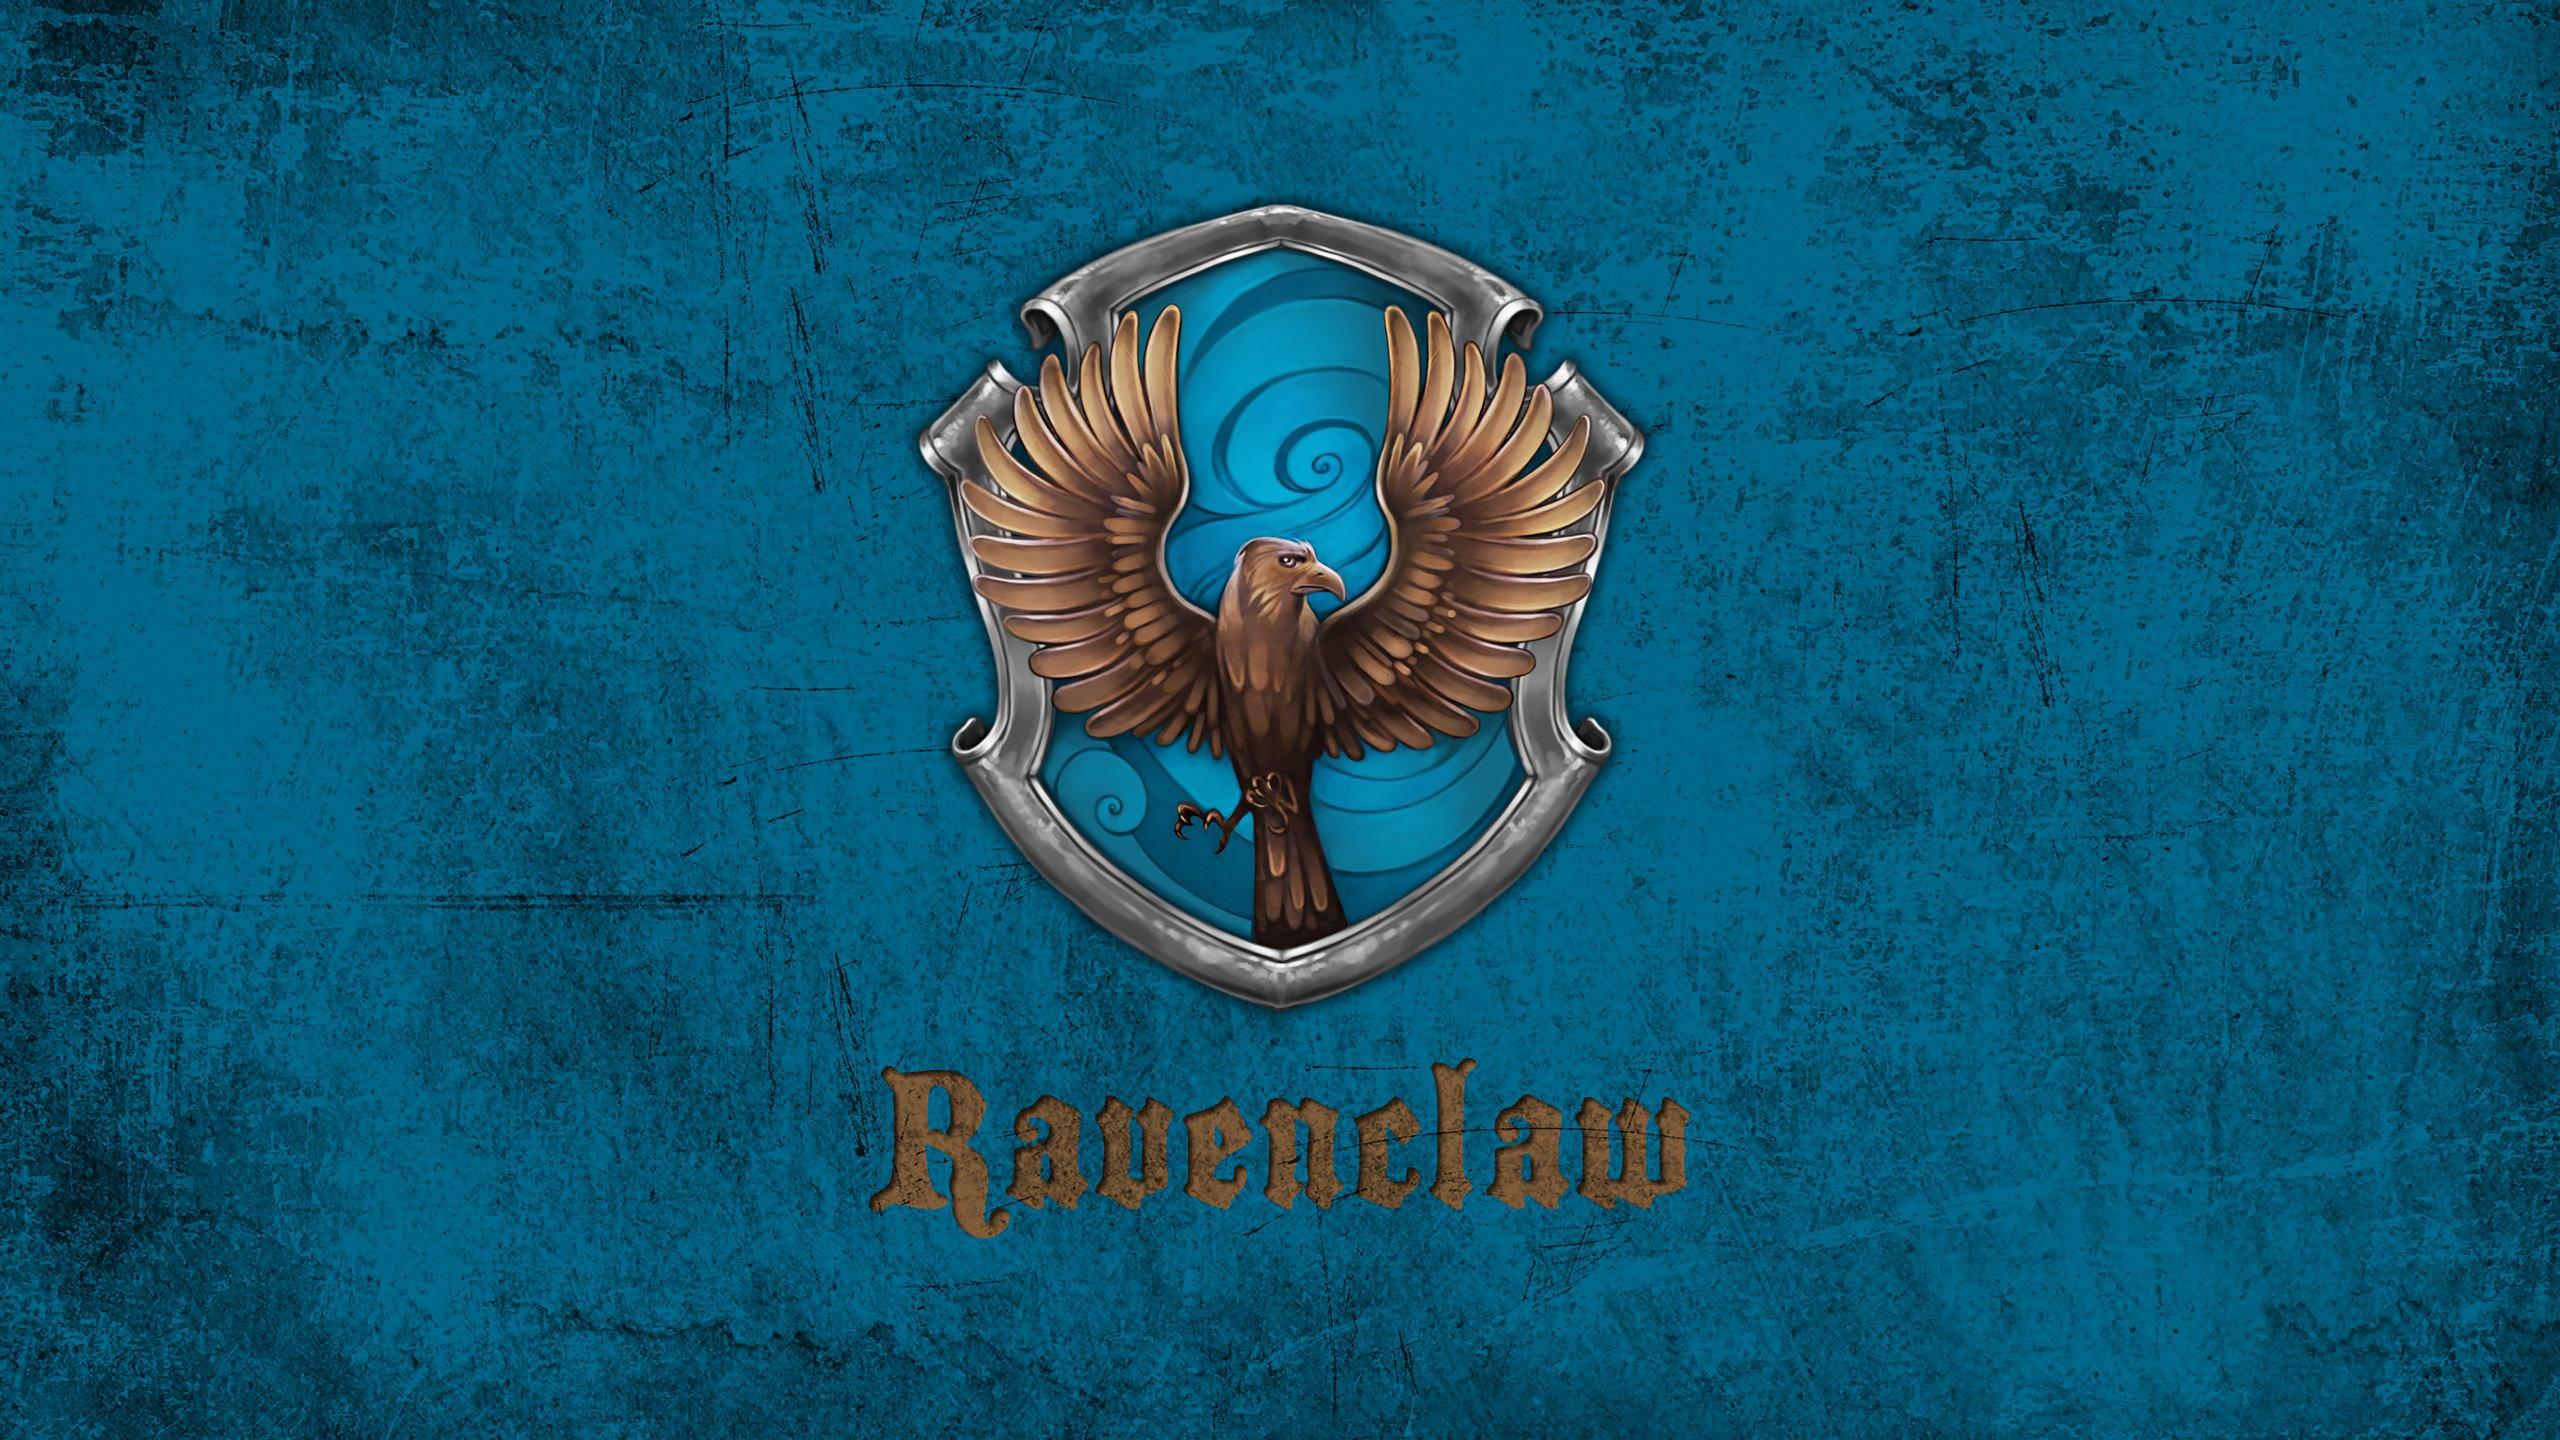 Fondos de pantalla Insignia Ravenclaw de Harry Potter